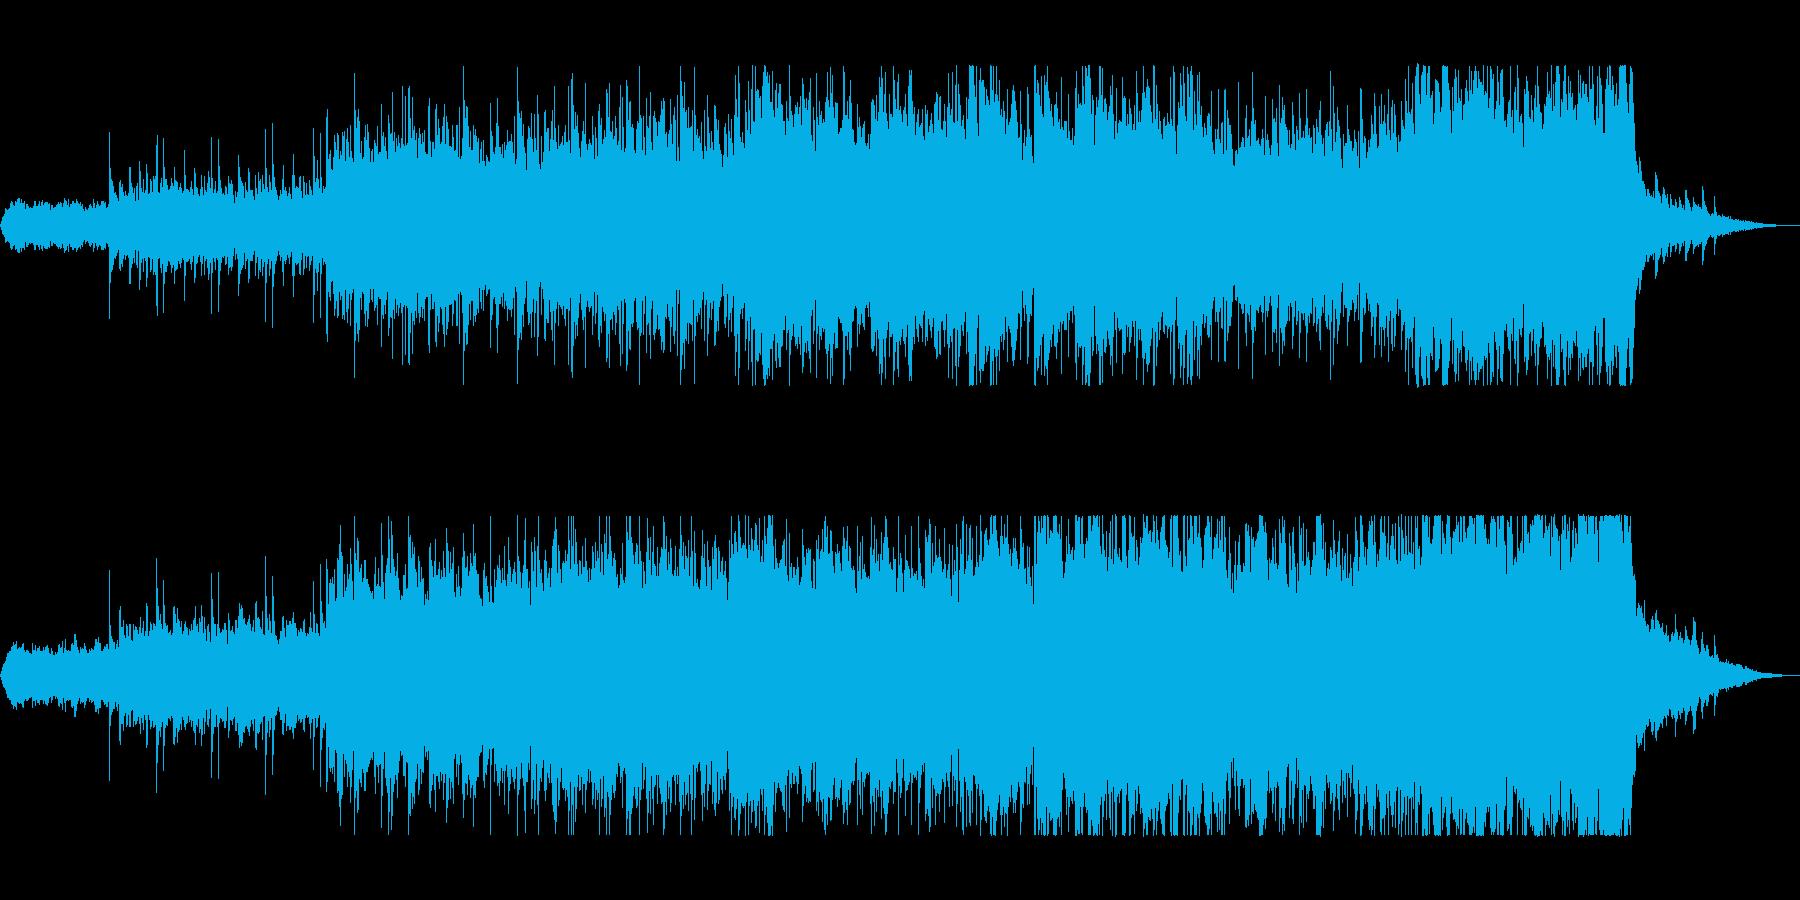 滑らかなピアノのストリングが美しい曲の再生済みの波形